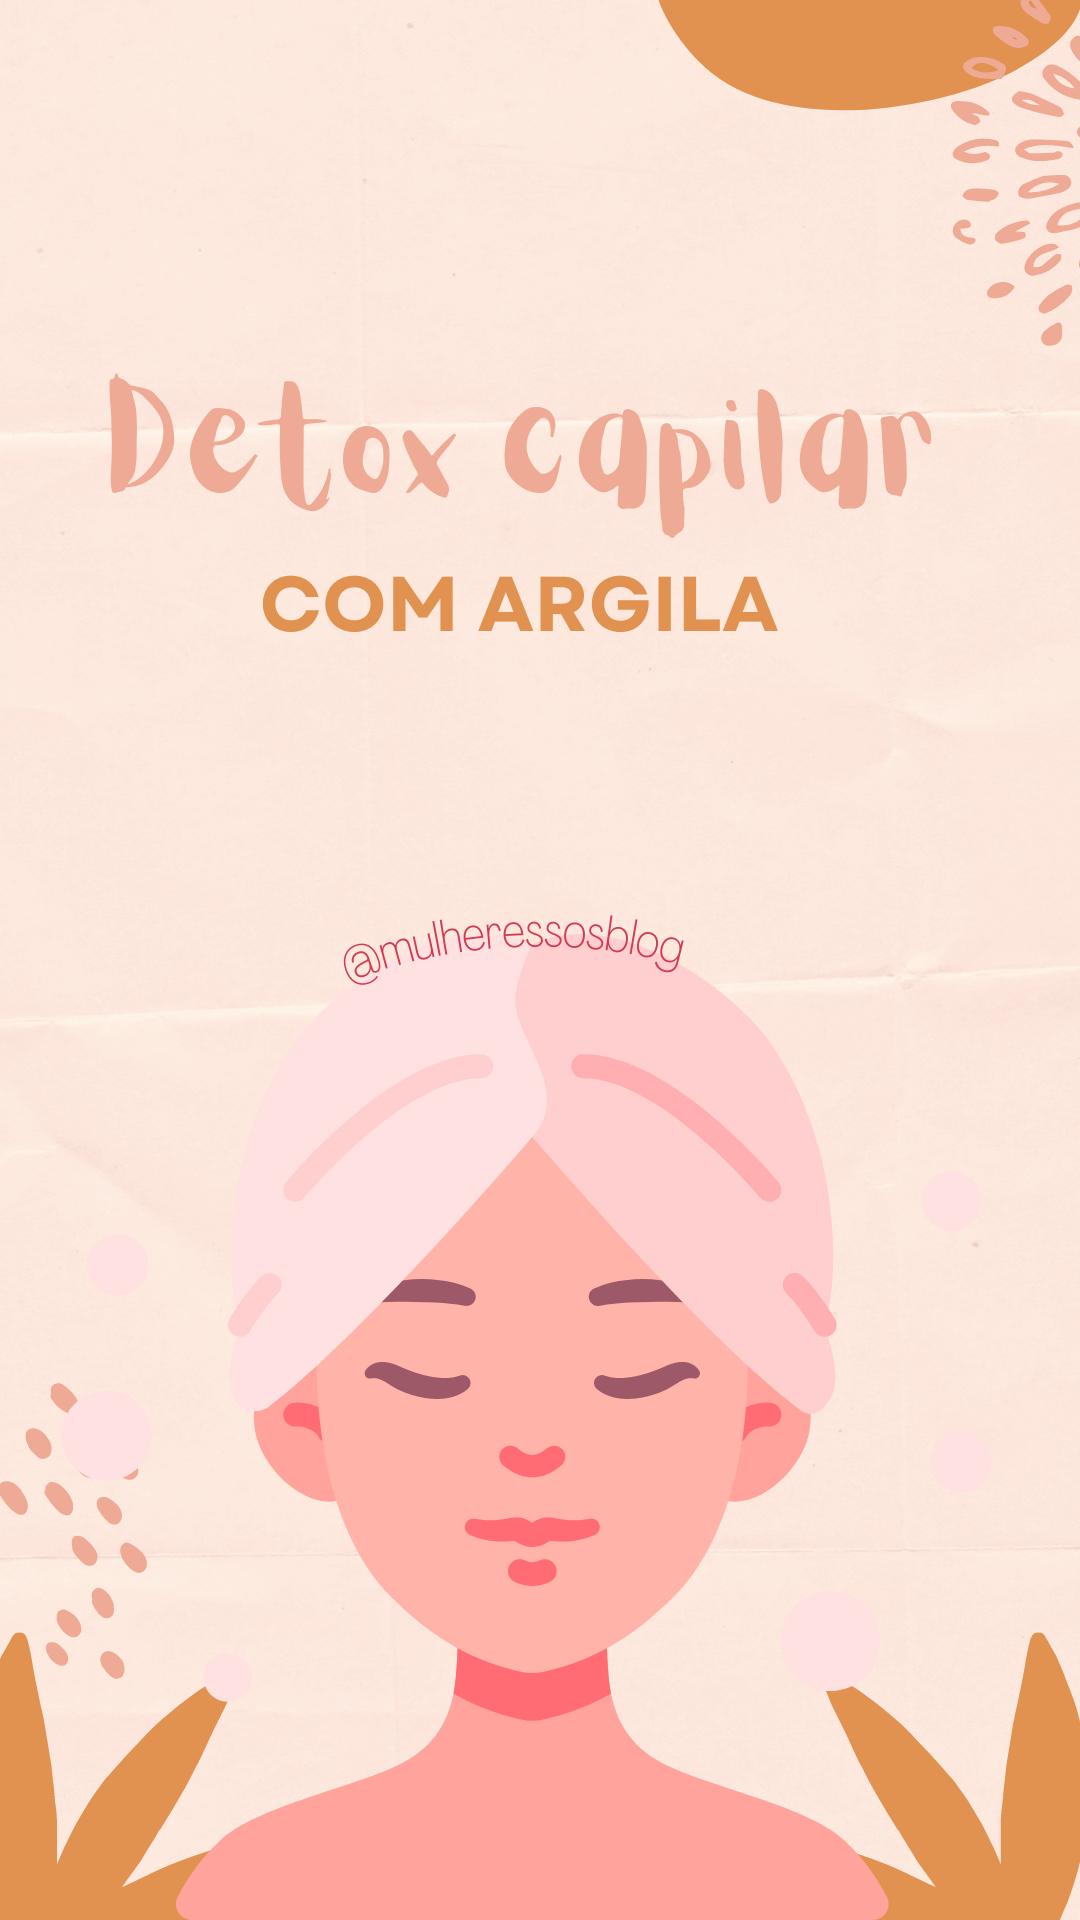 Detox capilar com argila para limpar o couro cabeludo, com o fazer em casa